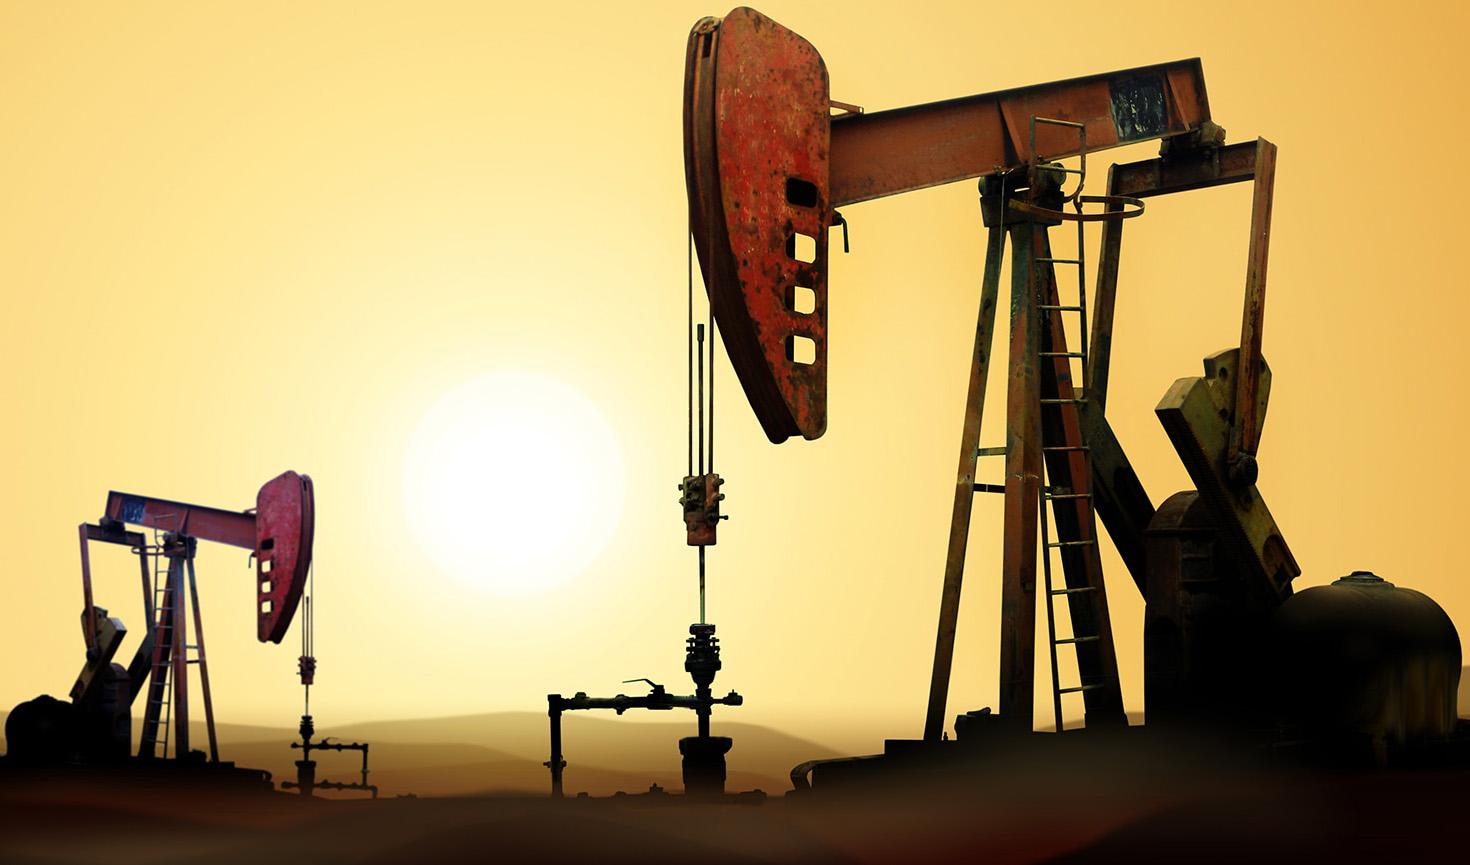 افزایش 25 درصدی واردات نفت کره جنوبی از ایران